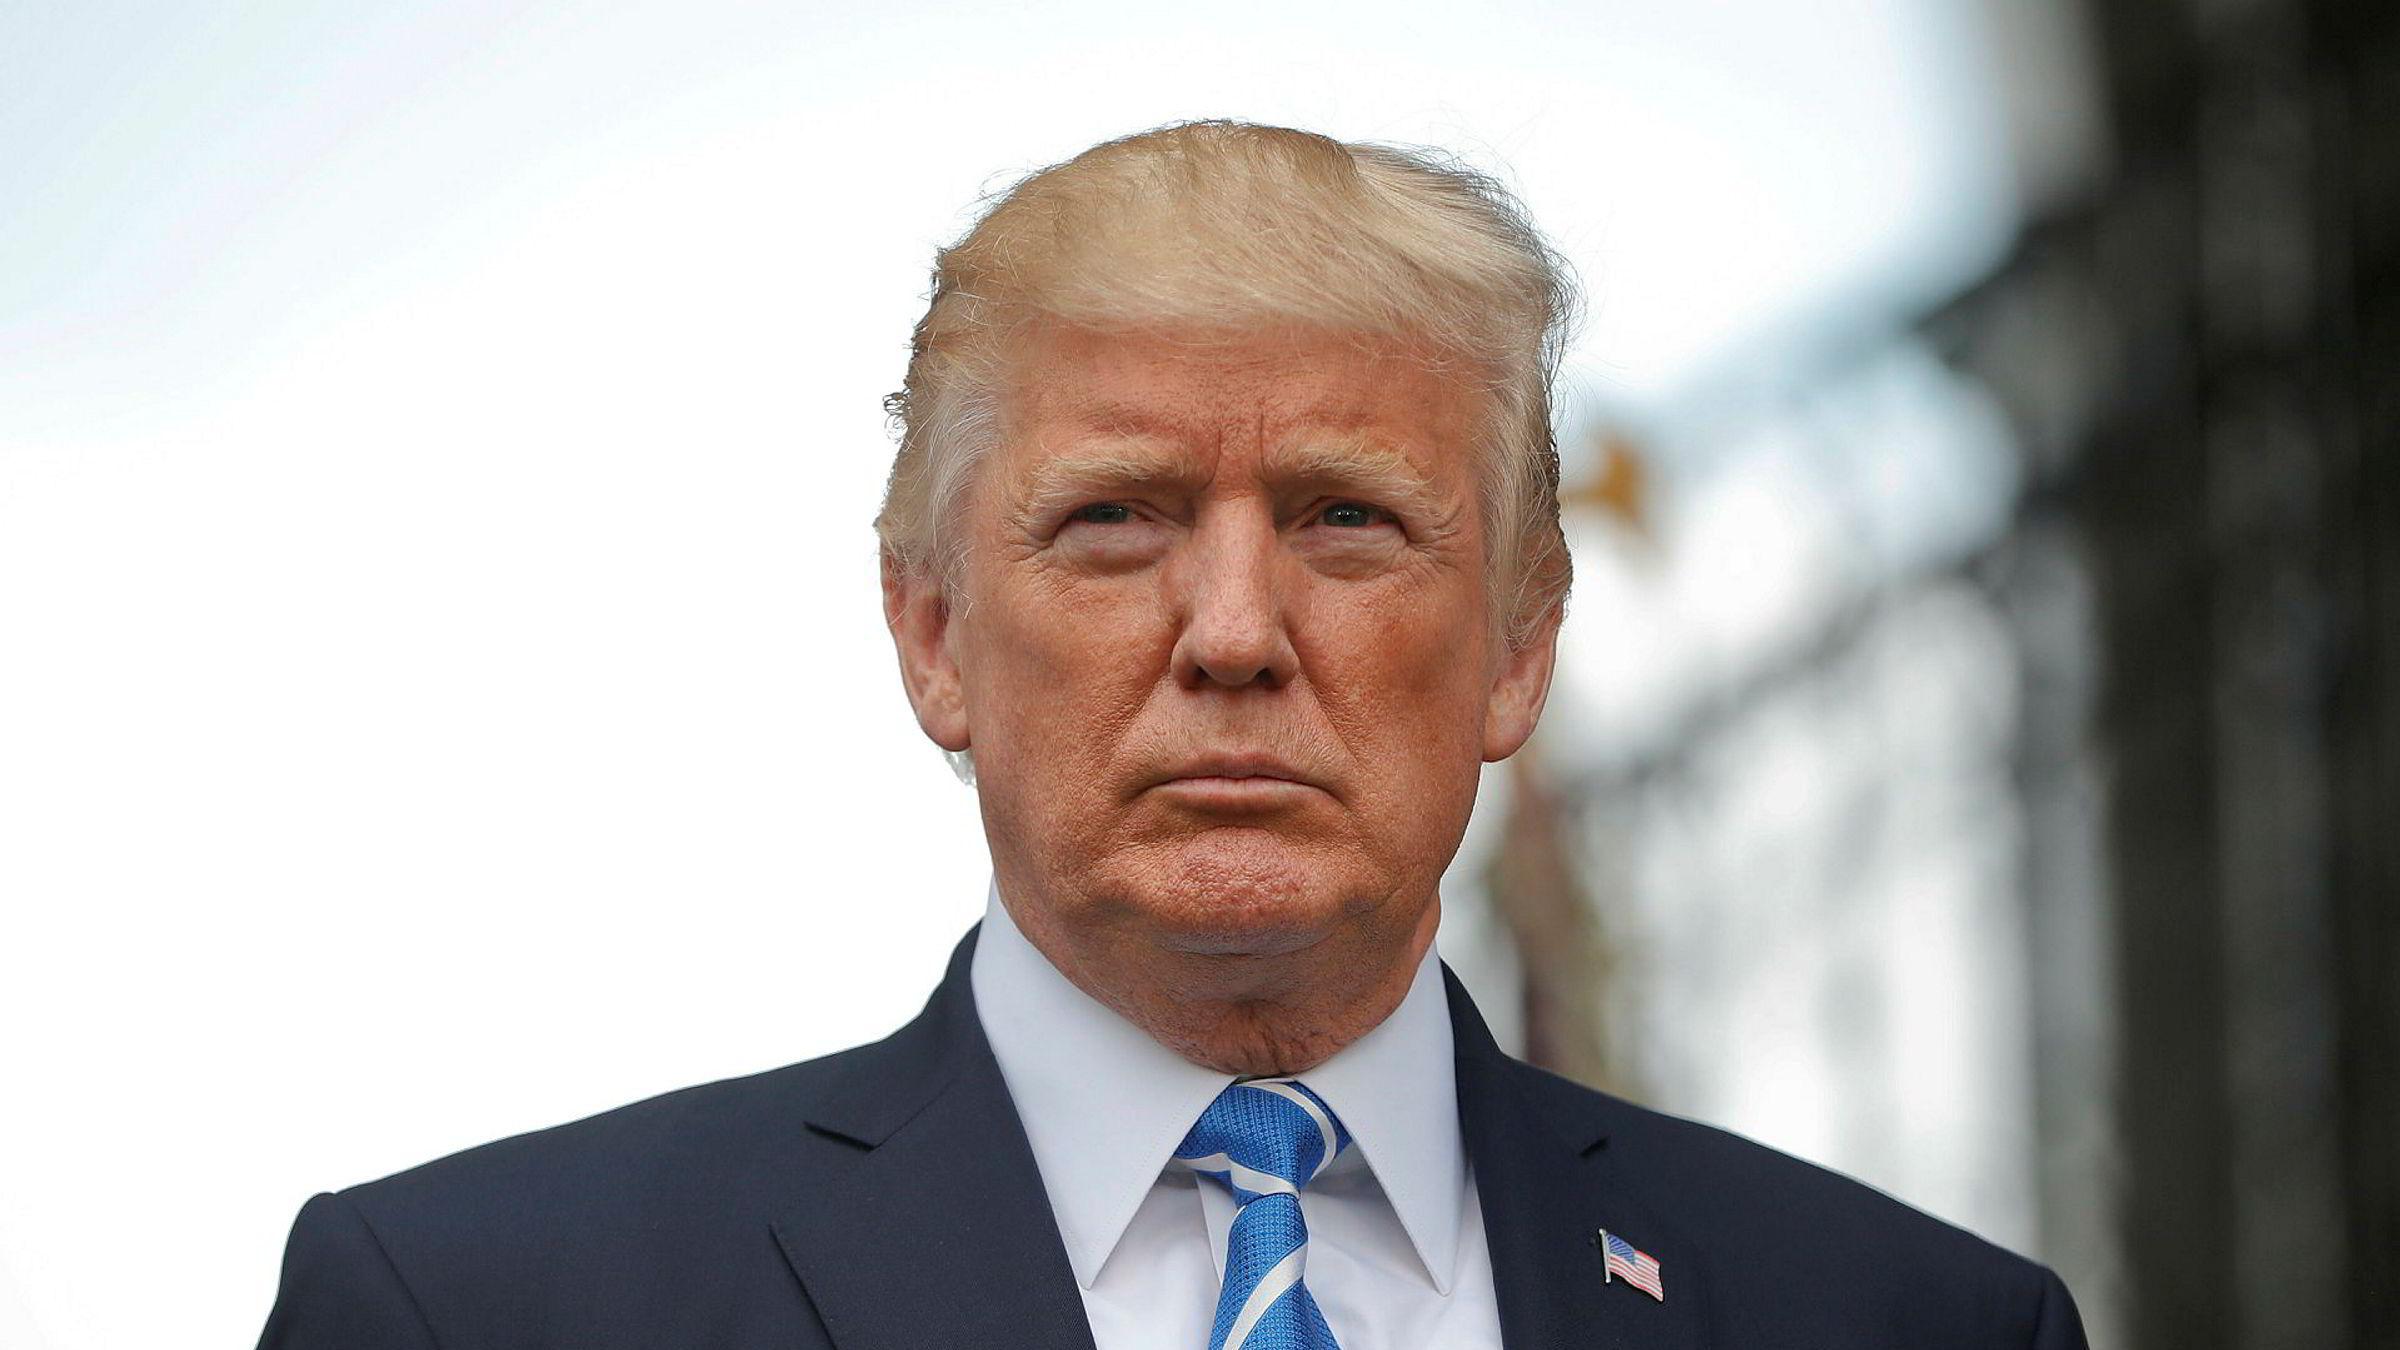 President Donald Trump sier at mange valg vurderes for å få kontroll på situasjonen i Venezuela, inkludert militærbruk.